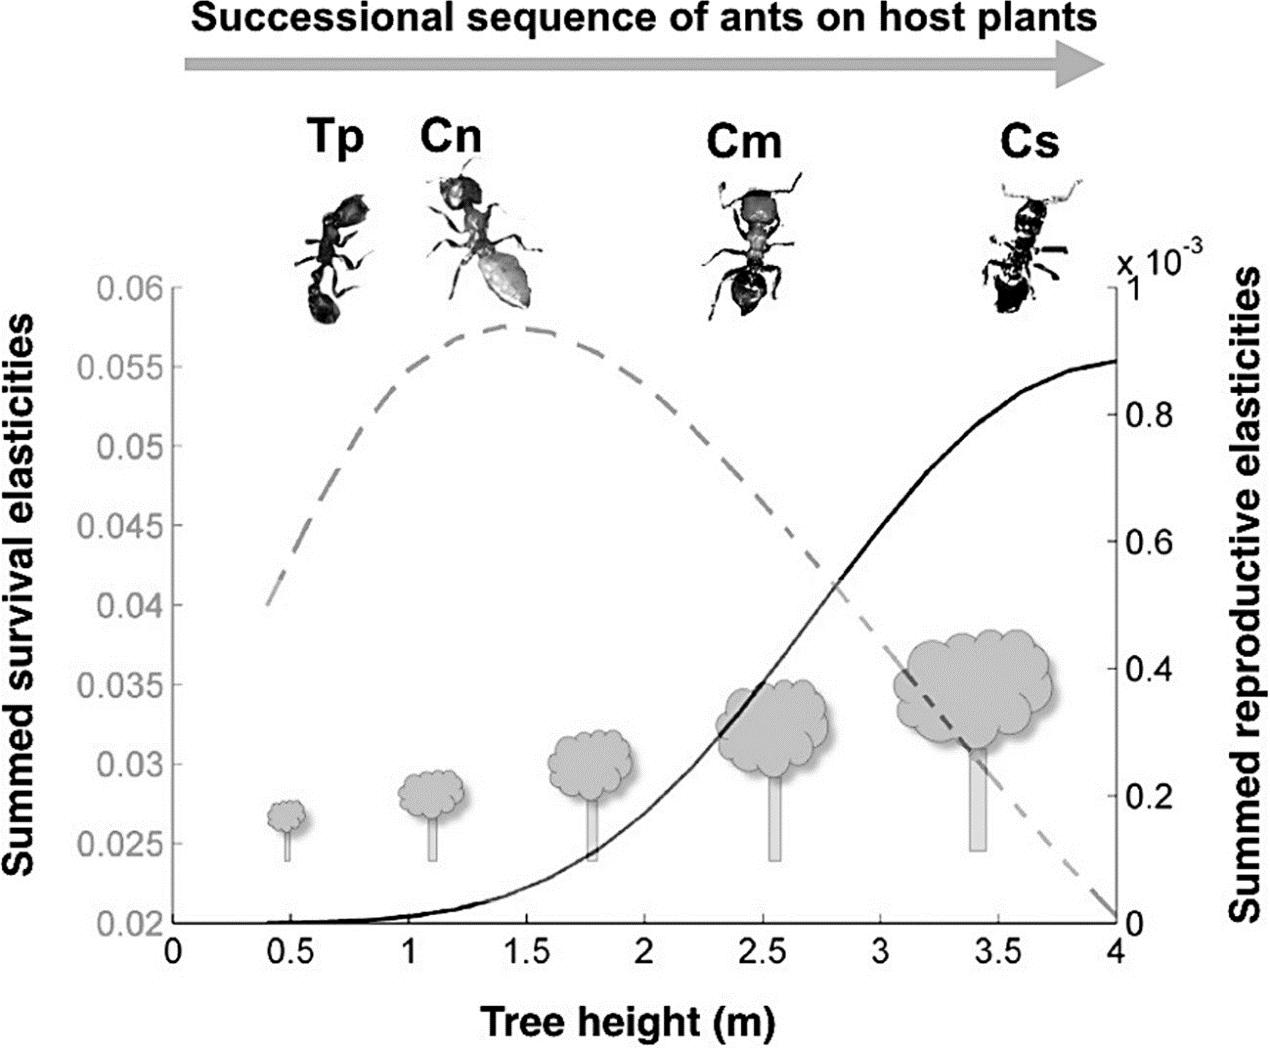 镰荚金合欢上优势的蚂蚁也会发生替换 (图片来源:参考文献3)